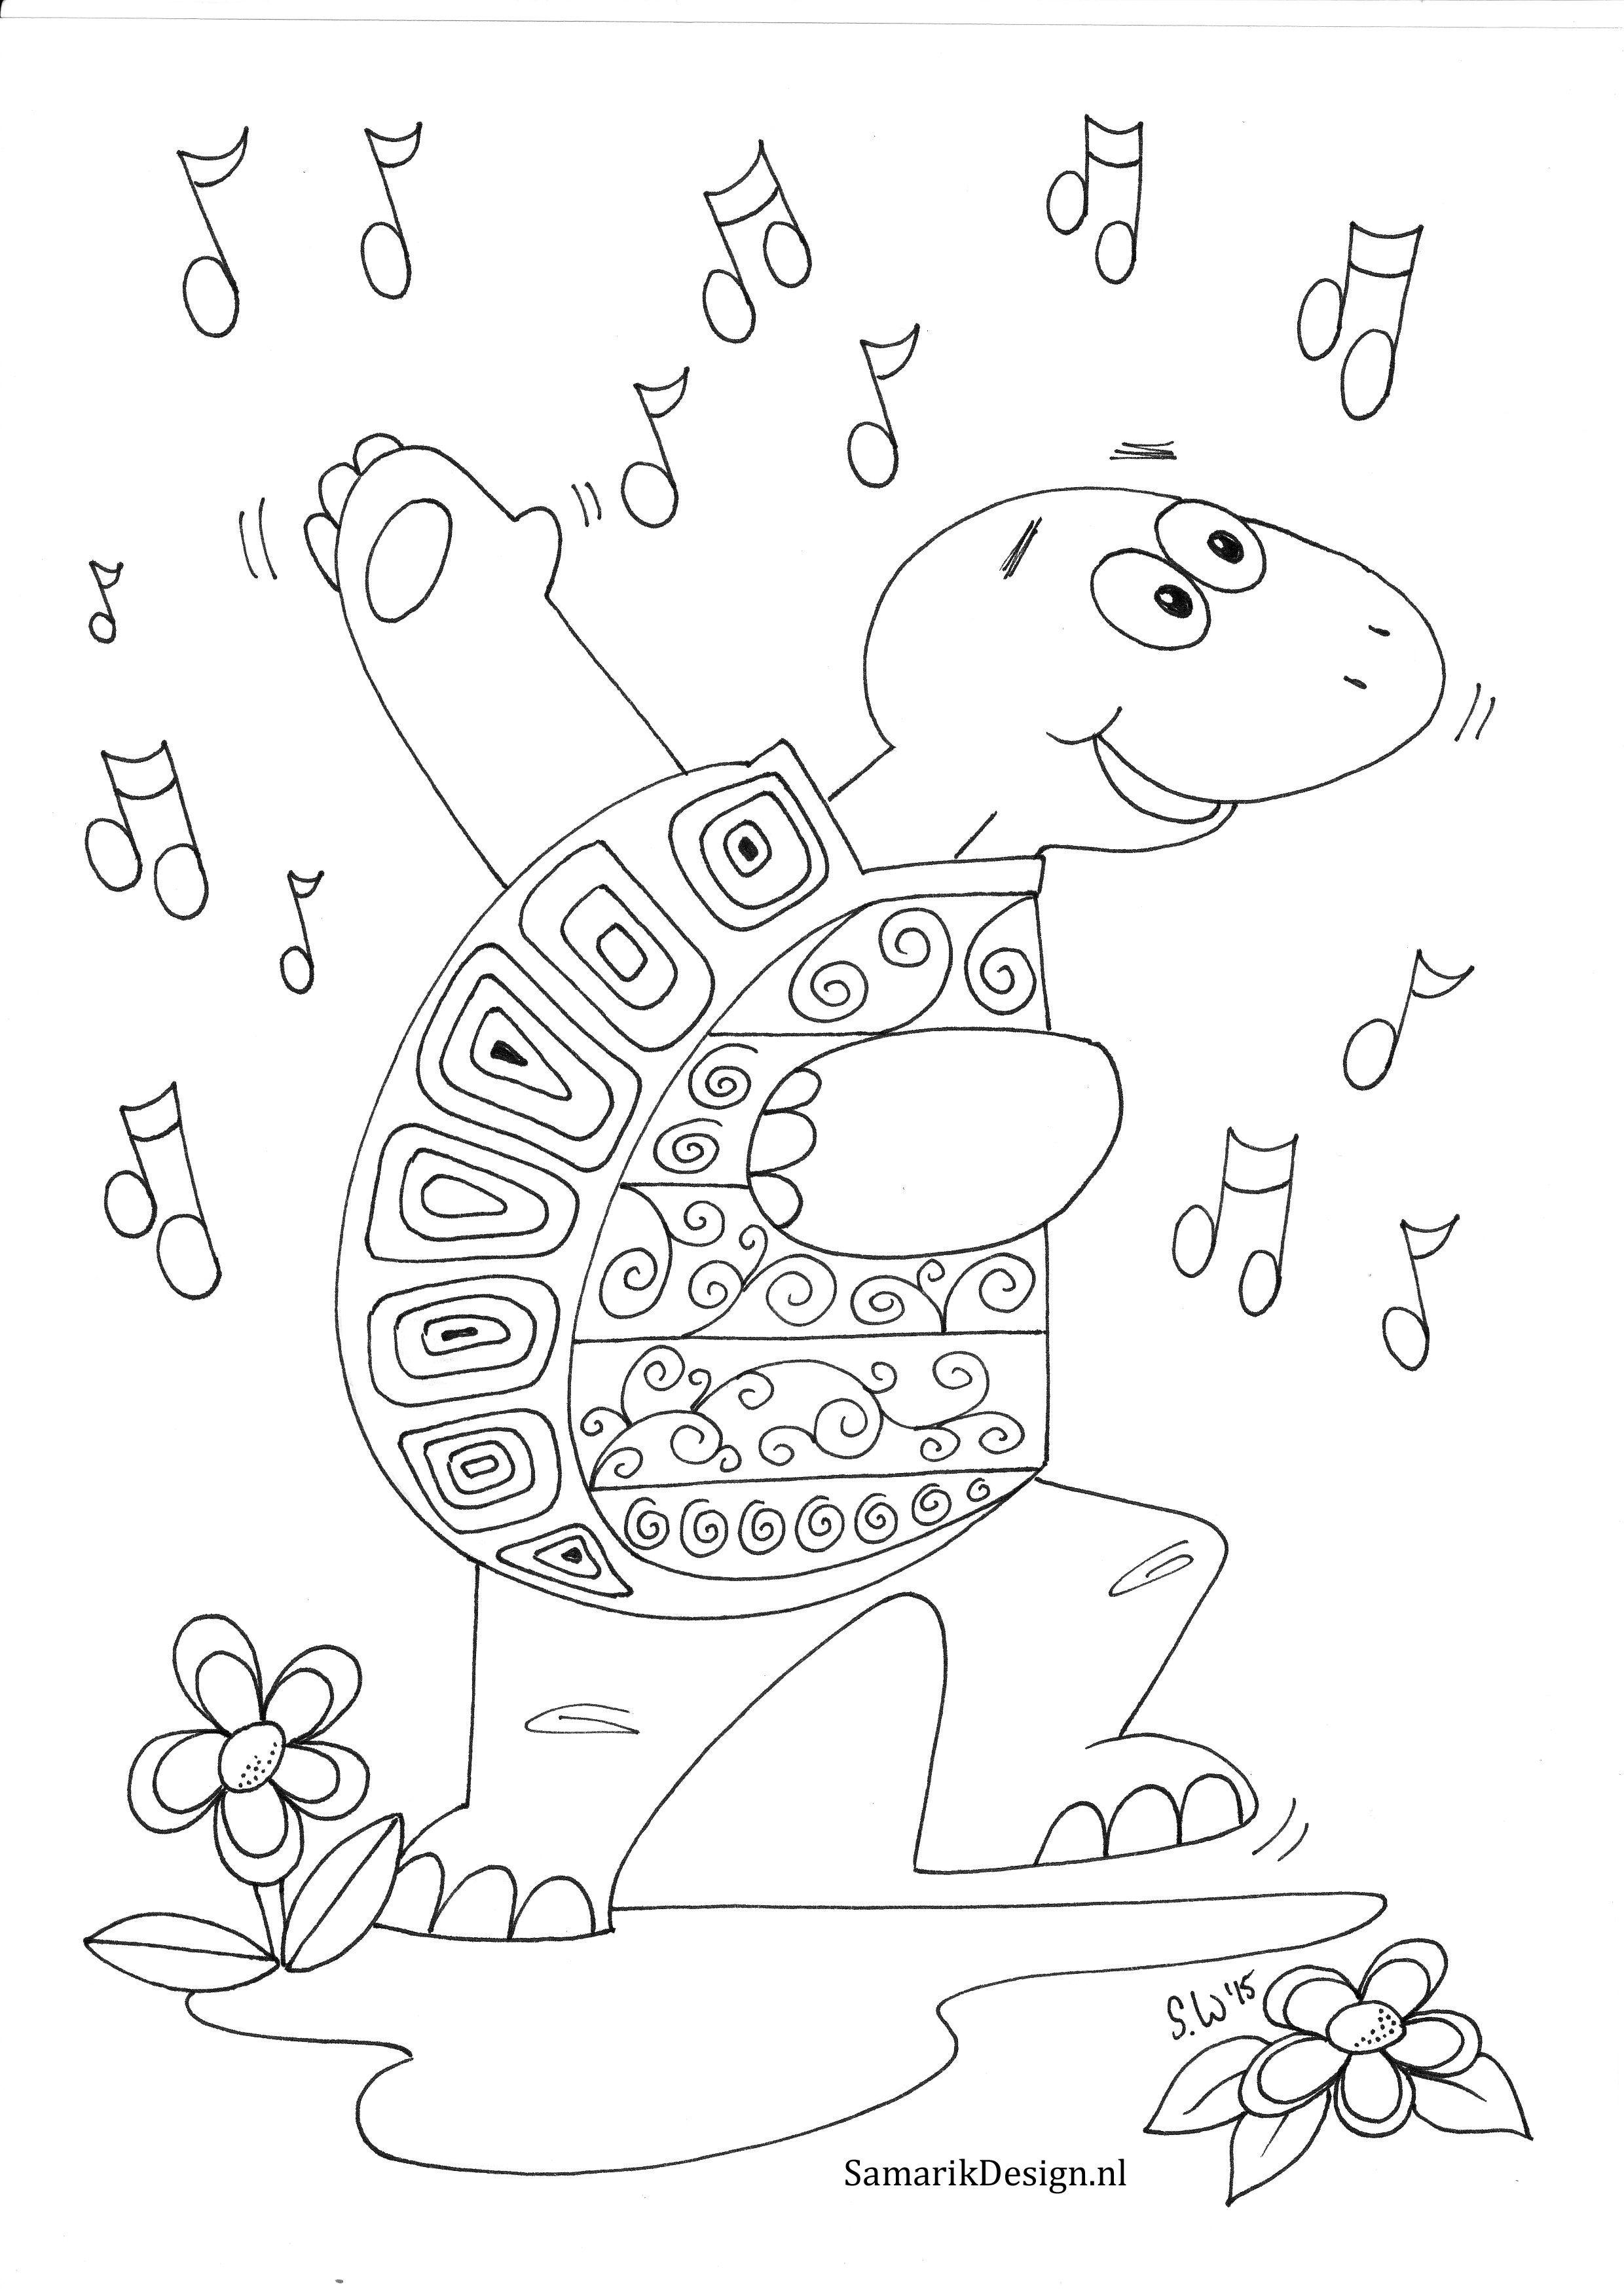 Kleurplaten Voor Volwassenen Schildpad.Kleurplaat Voor Volwassenen Schildpad Sandy Wijsbeek Kleurplaten